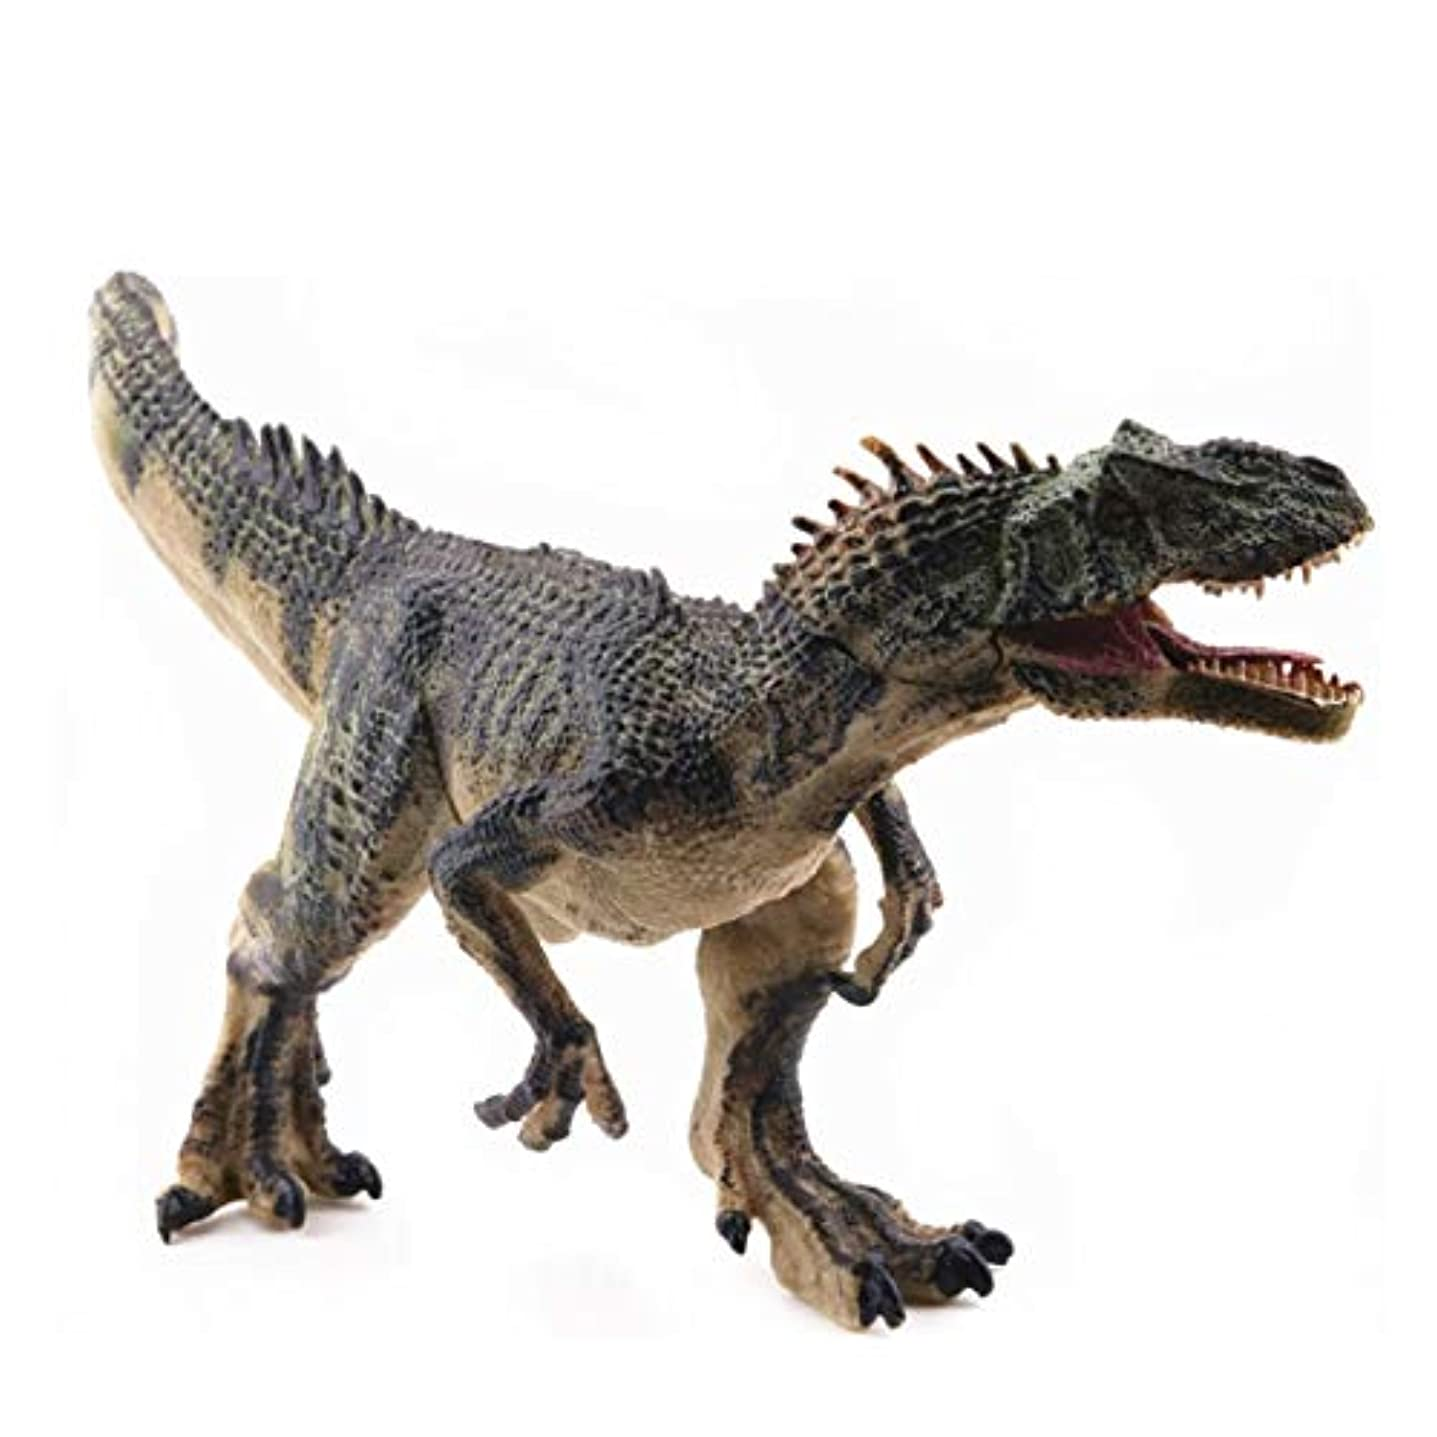 引き算年金割り当てますSaikogoods シミュレーションアロサウルスリアルな恐竜の模型玩具置物アクションは 子供のためのホームインテリア教育玩具フィギュア 緑